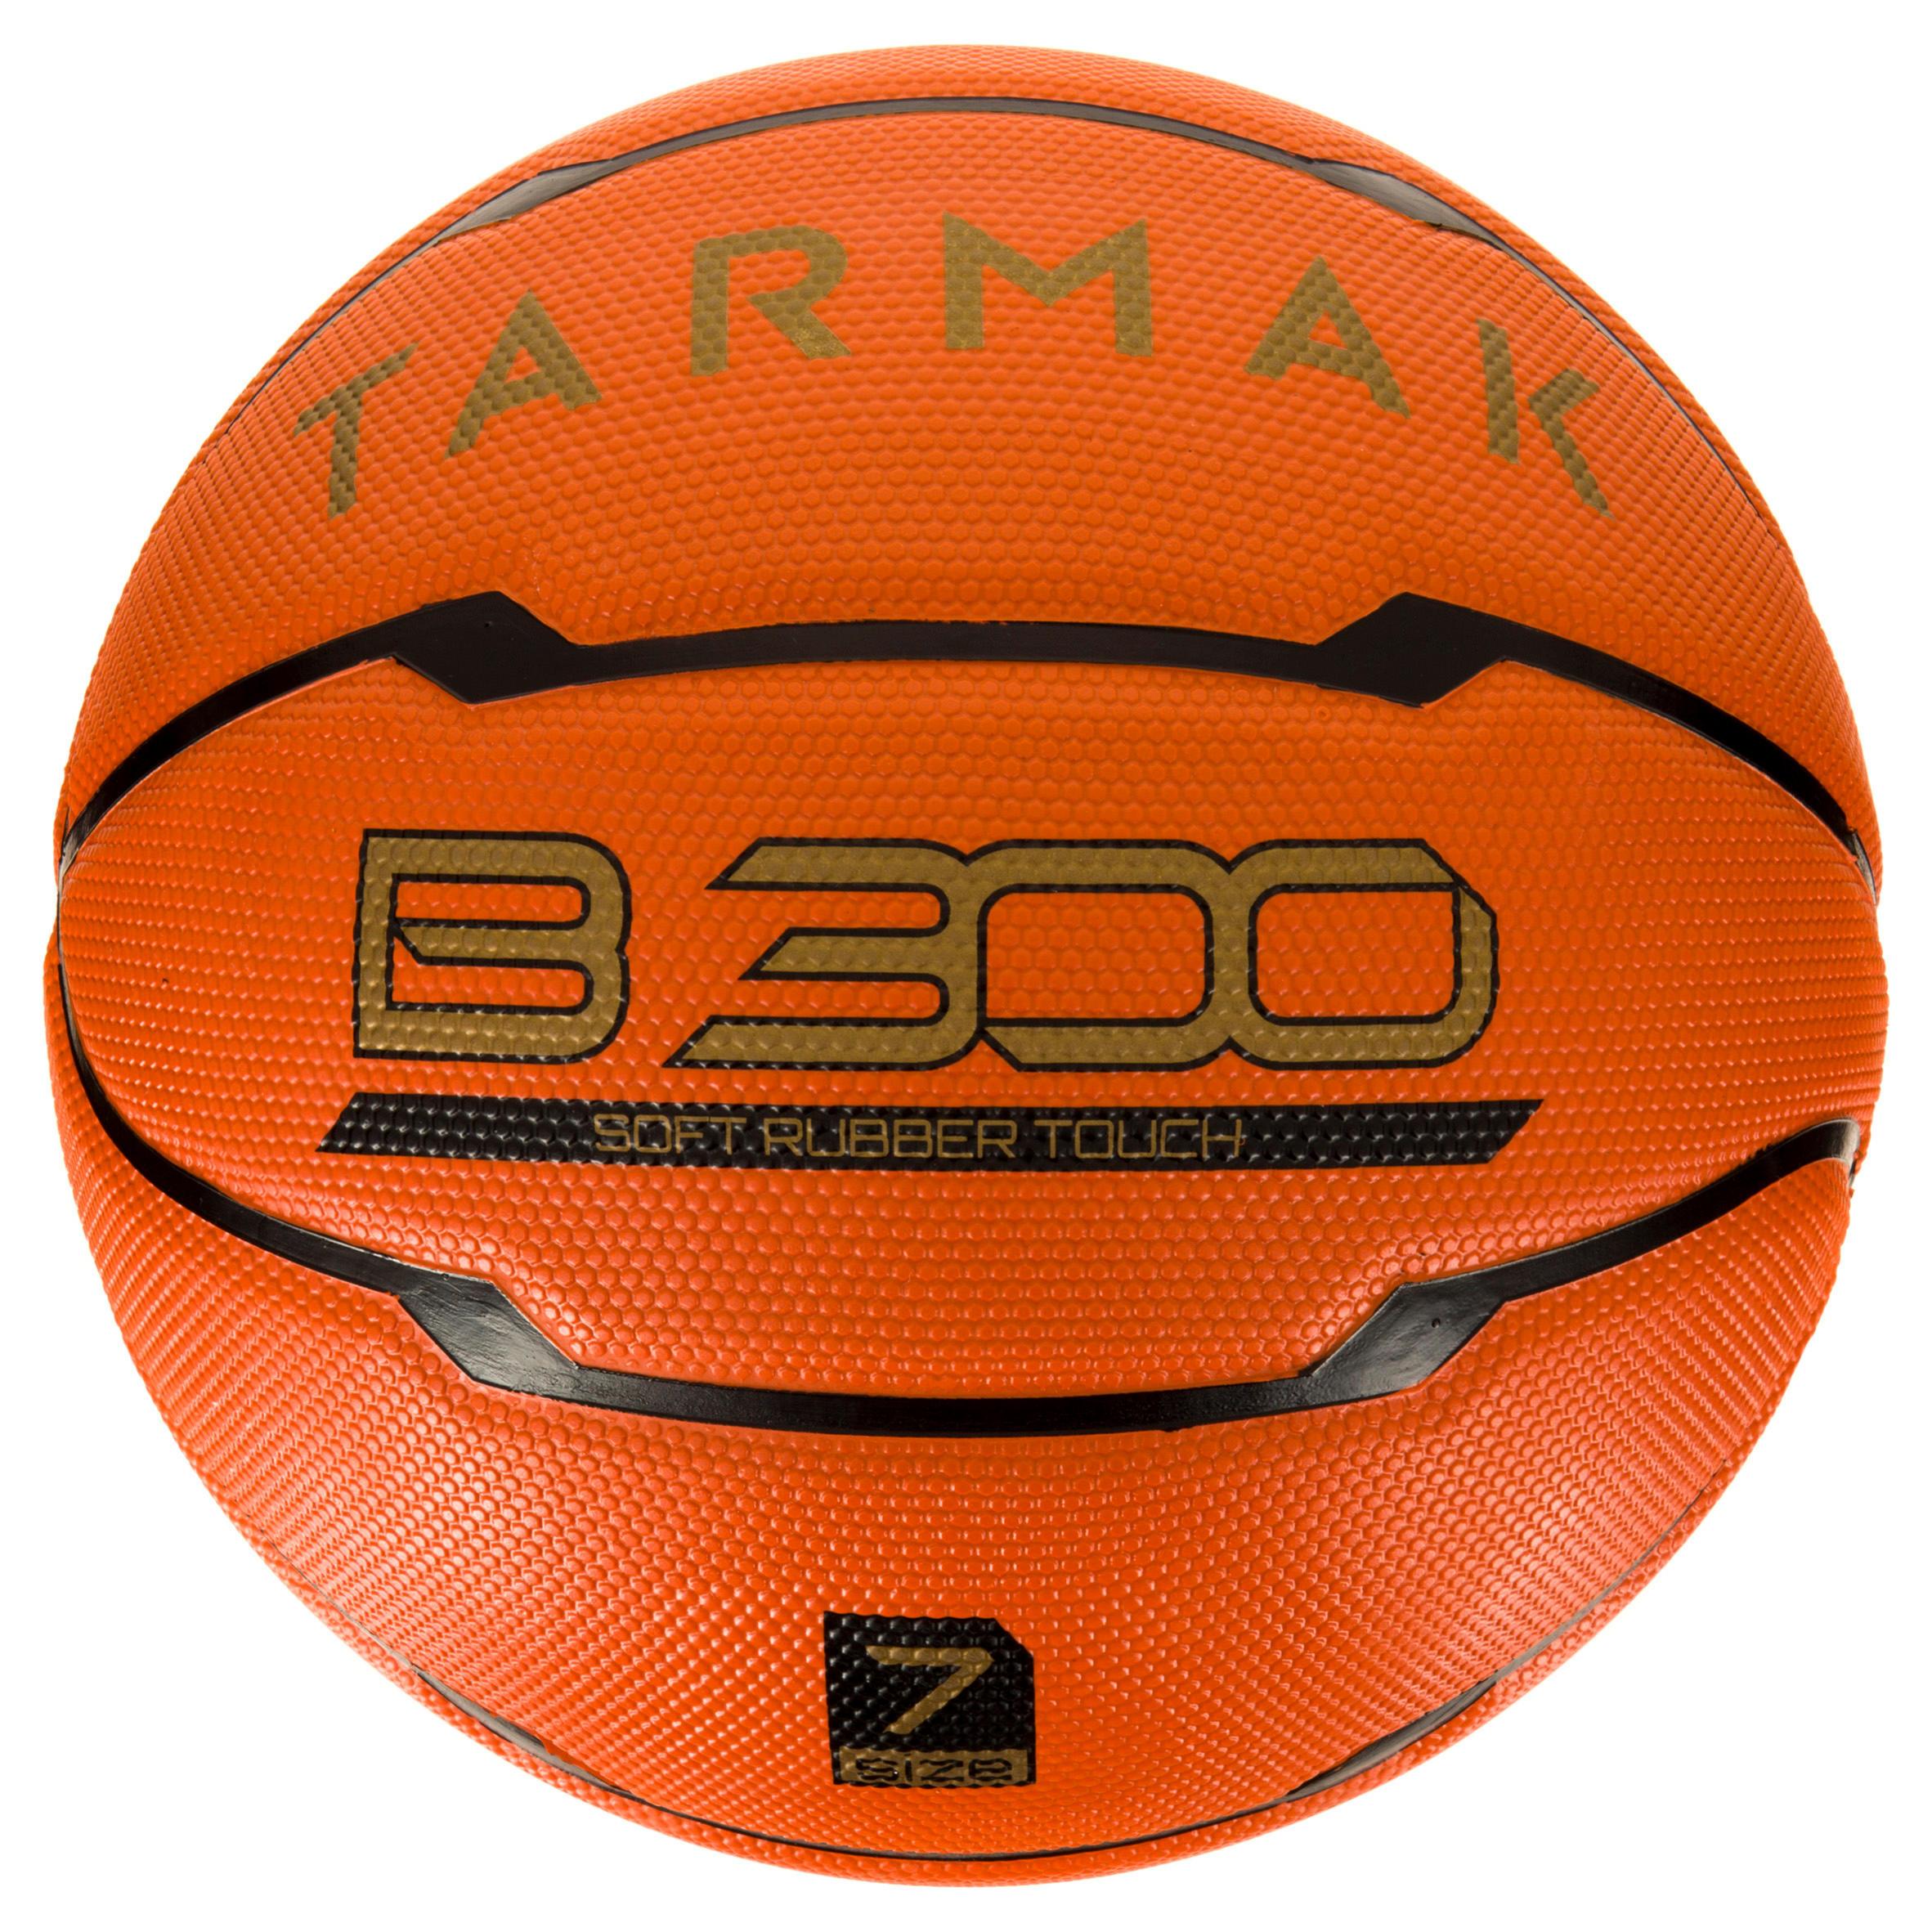 Tarmak Basketbal B300 maat 7